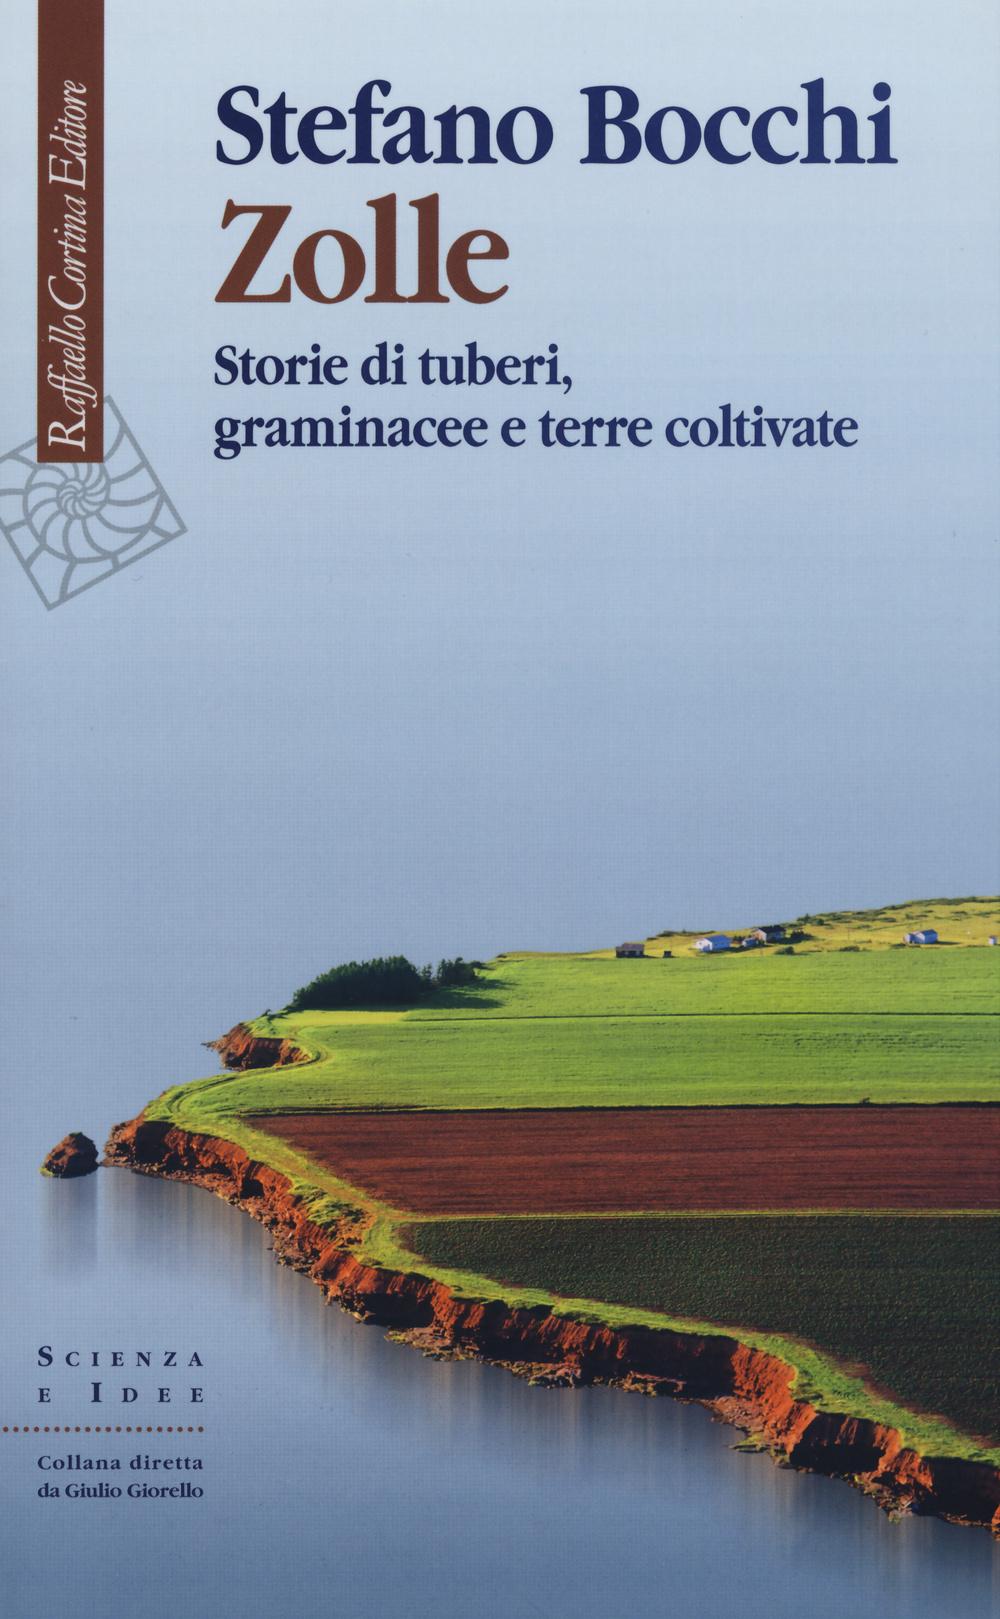 ZOLLE. STORIE DI TUBERI, GRAMINACEE E TERRE COLTIVATE - 9788860307378